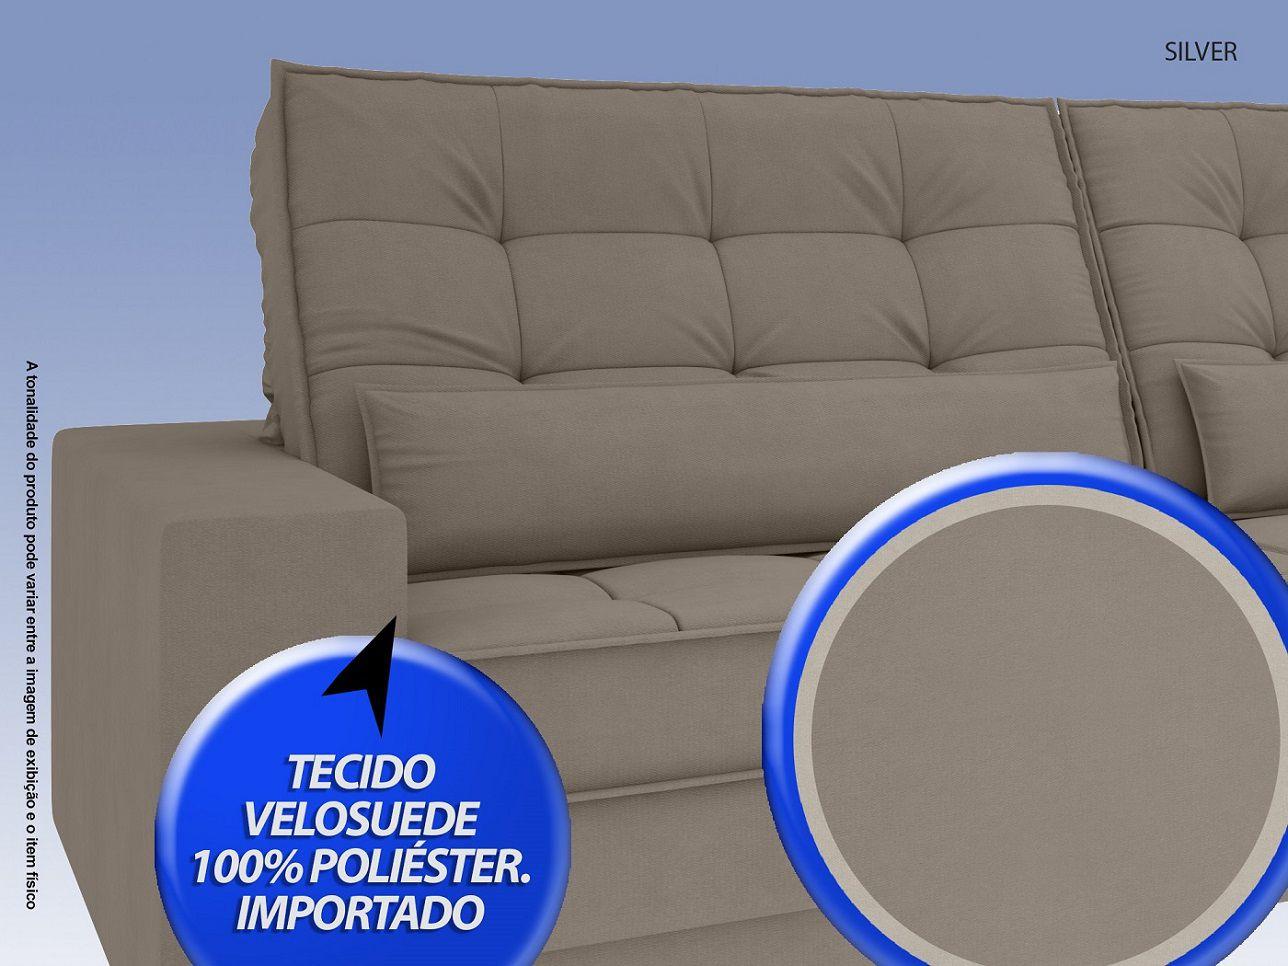 Sofá Silver 2,80m Retrátil e Reclinável Velosuede Bege - NETSOFAS